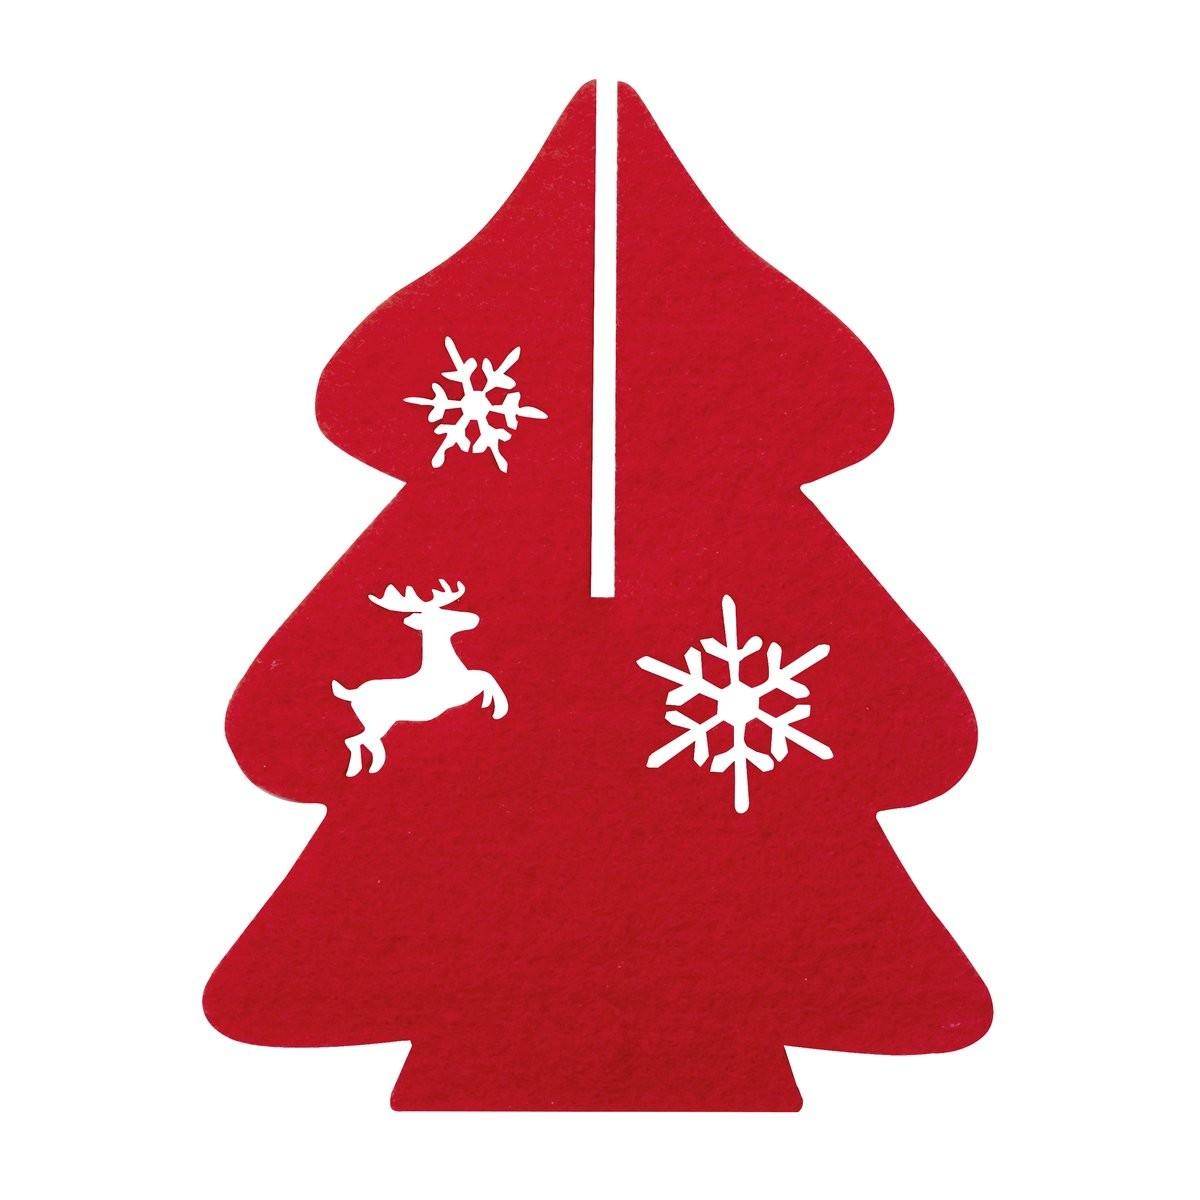 Weihnachtsdekoration REFLECTS-JINAN RED, Ansicht 7